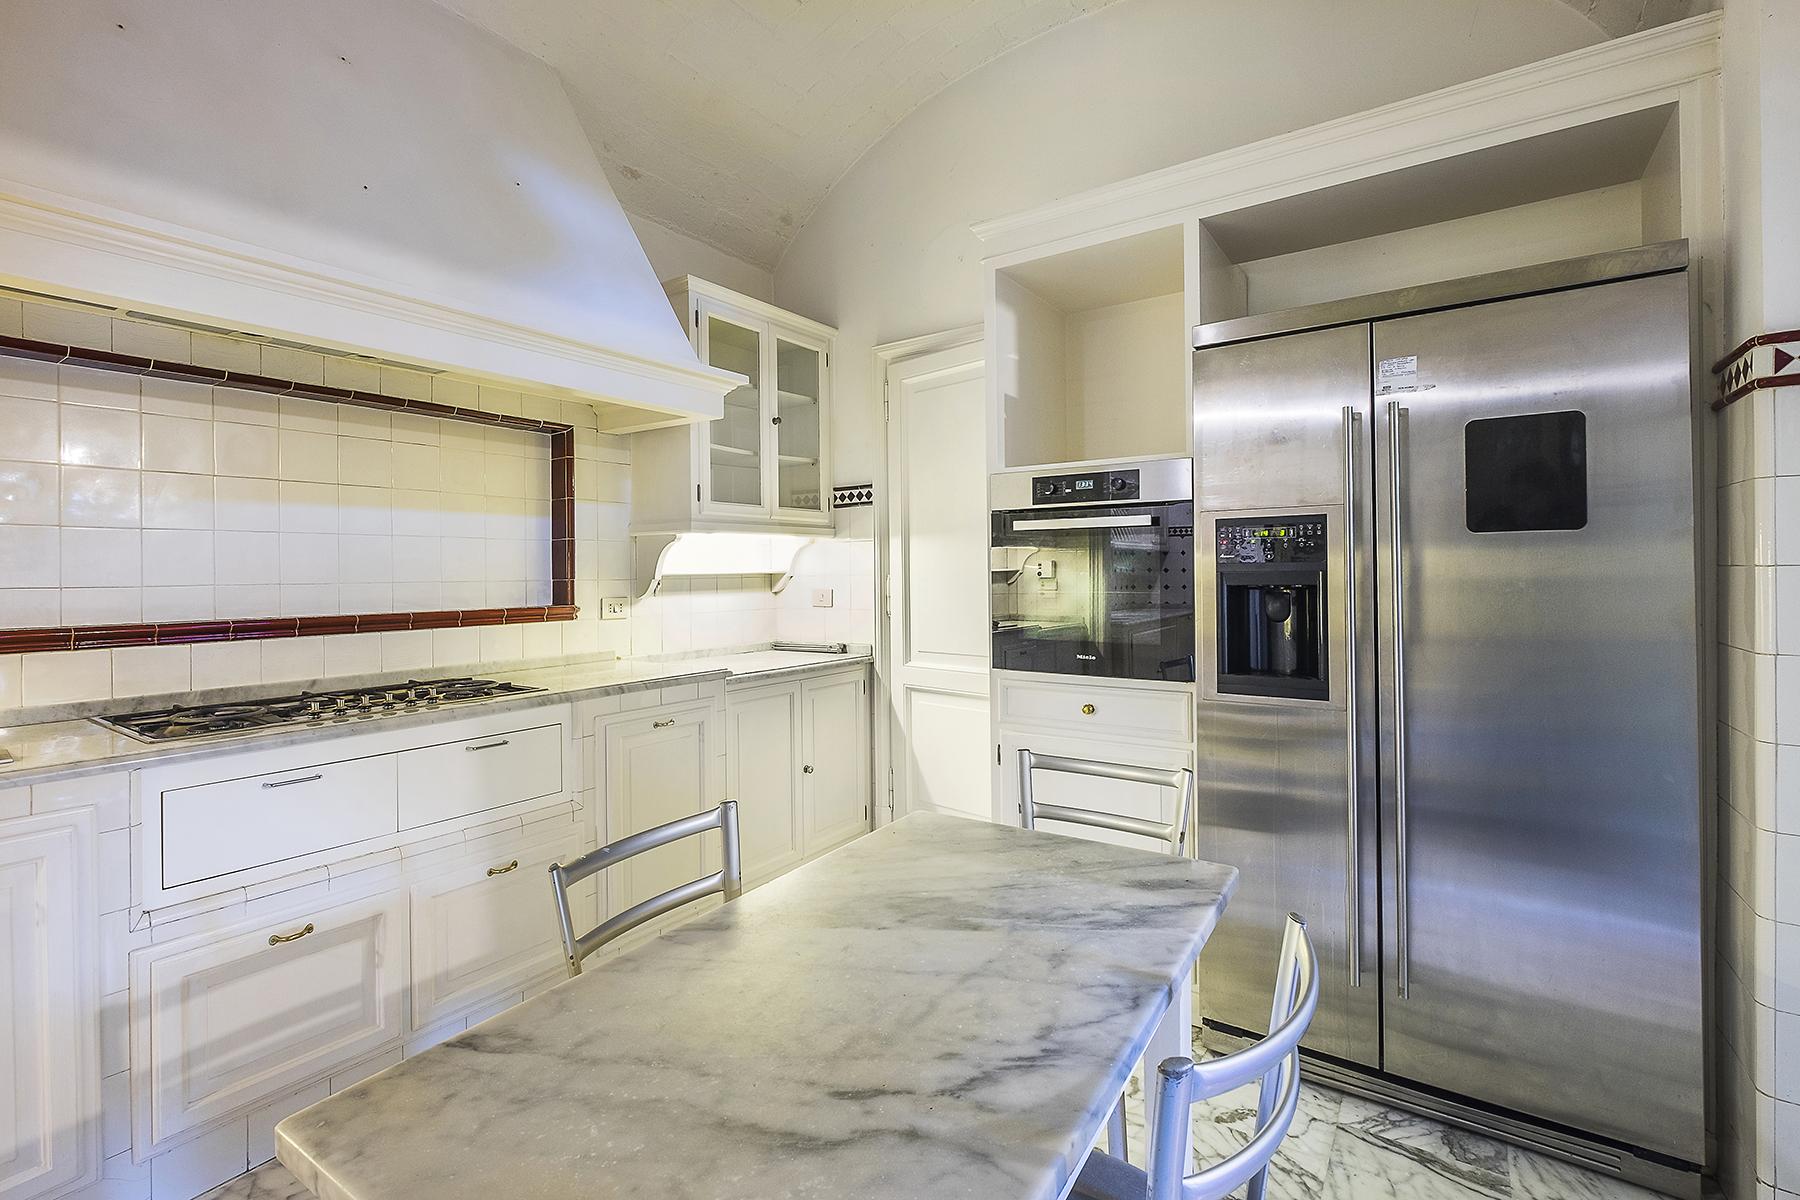 Appartamento di lusso in affitto a roma via aventina for Affitto locali commerciali roma nord